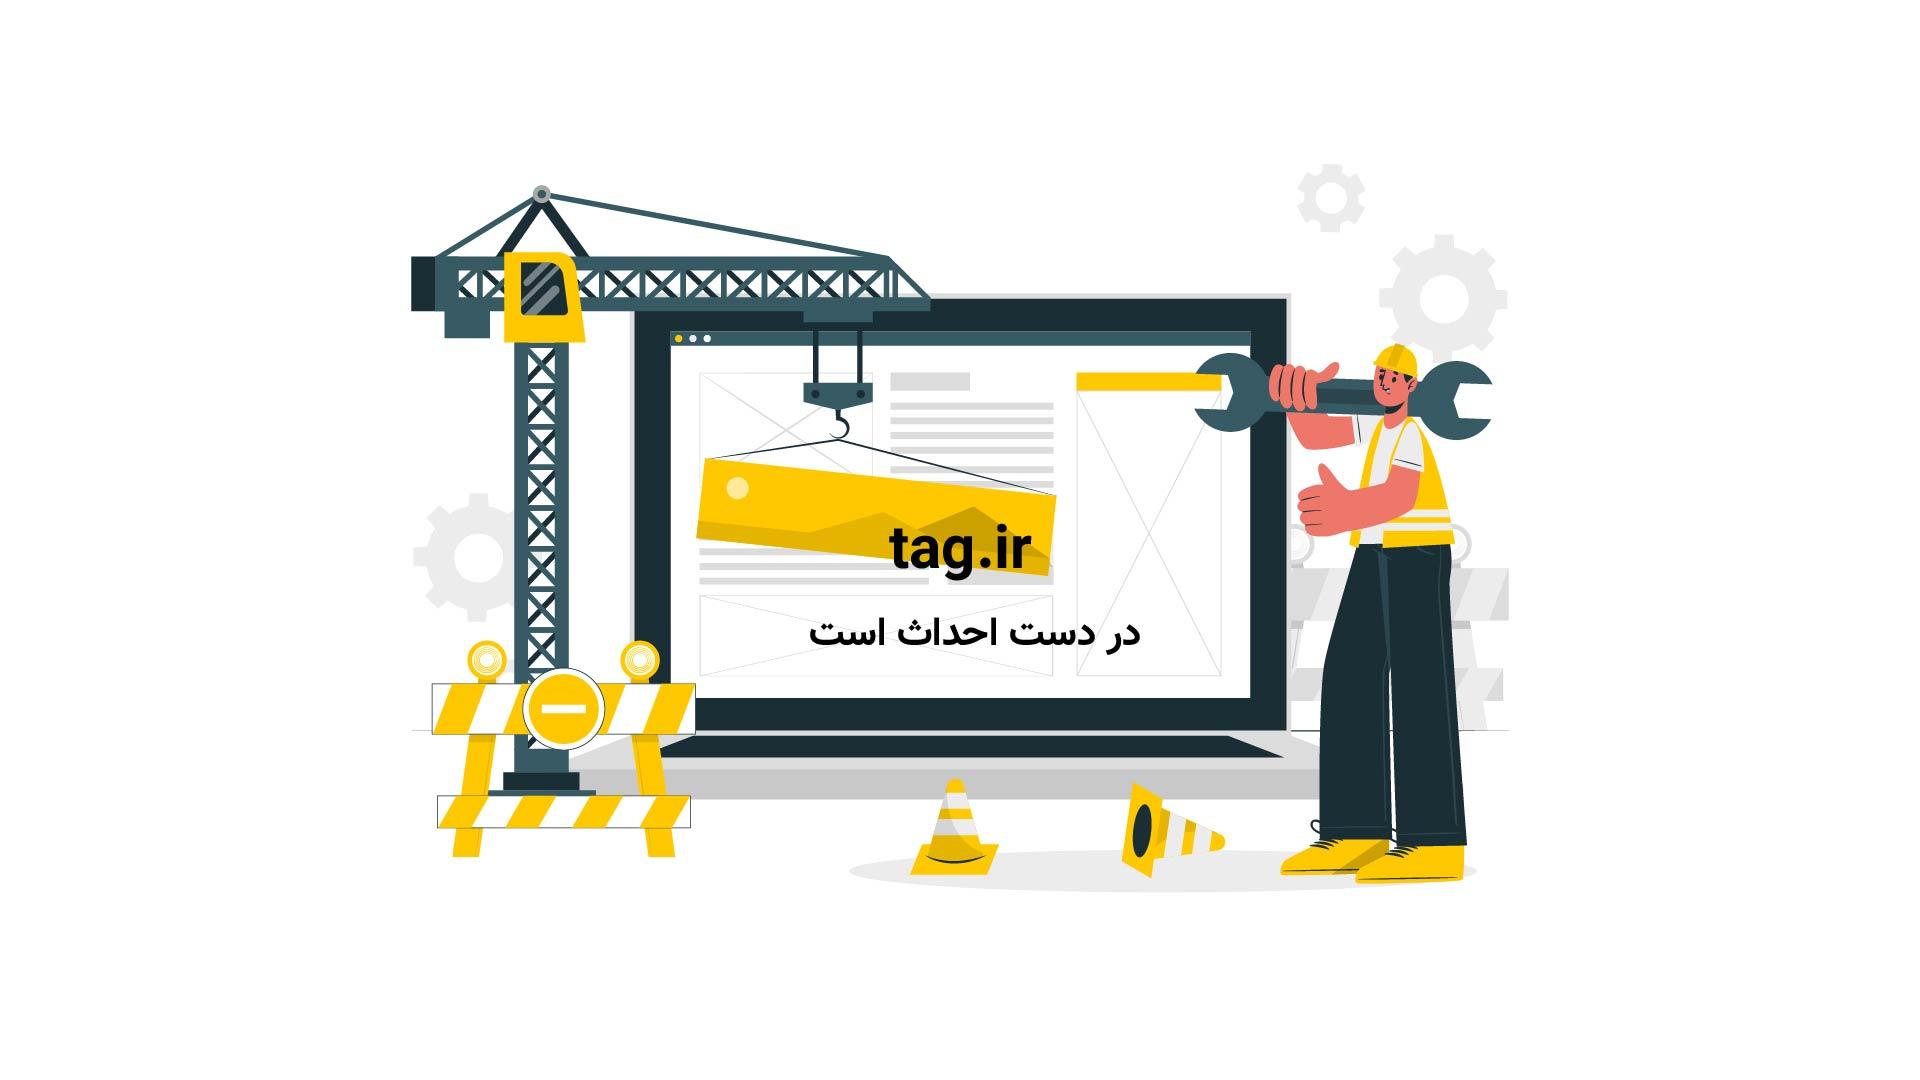 بازی مدیر تنیسور | تگ